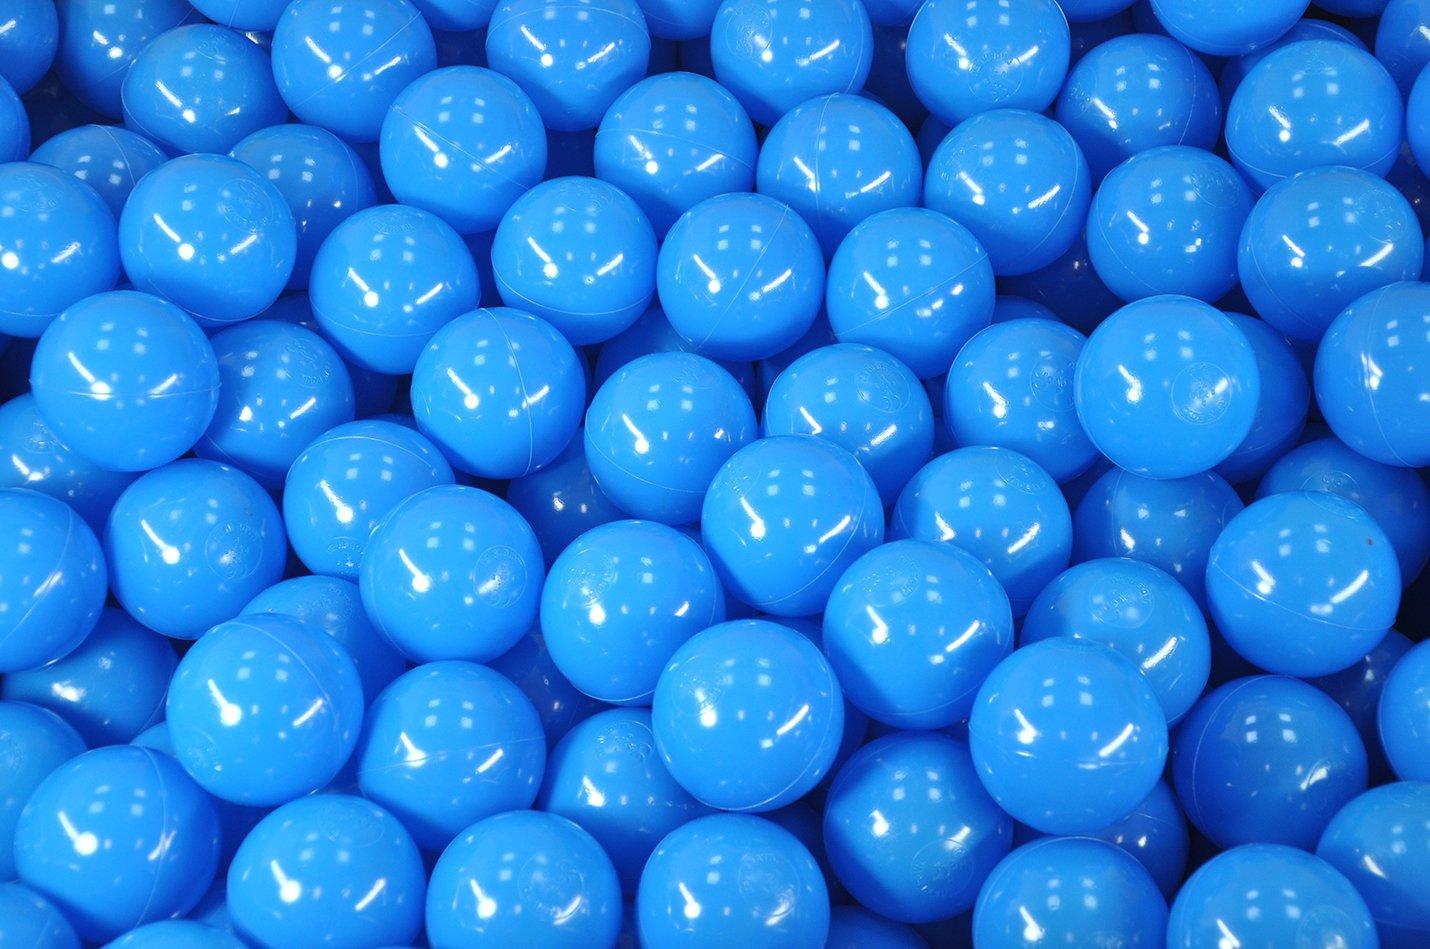 BälleBad Bälle - Blau - 500 Stück - CE-Kennzeichnung - 75mm